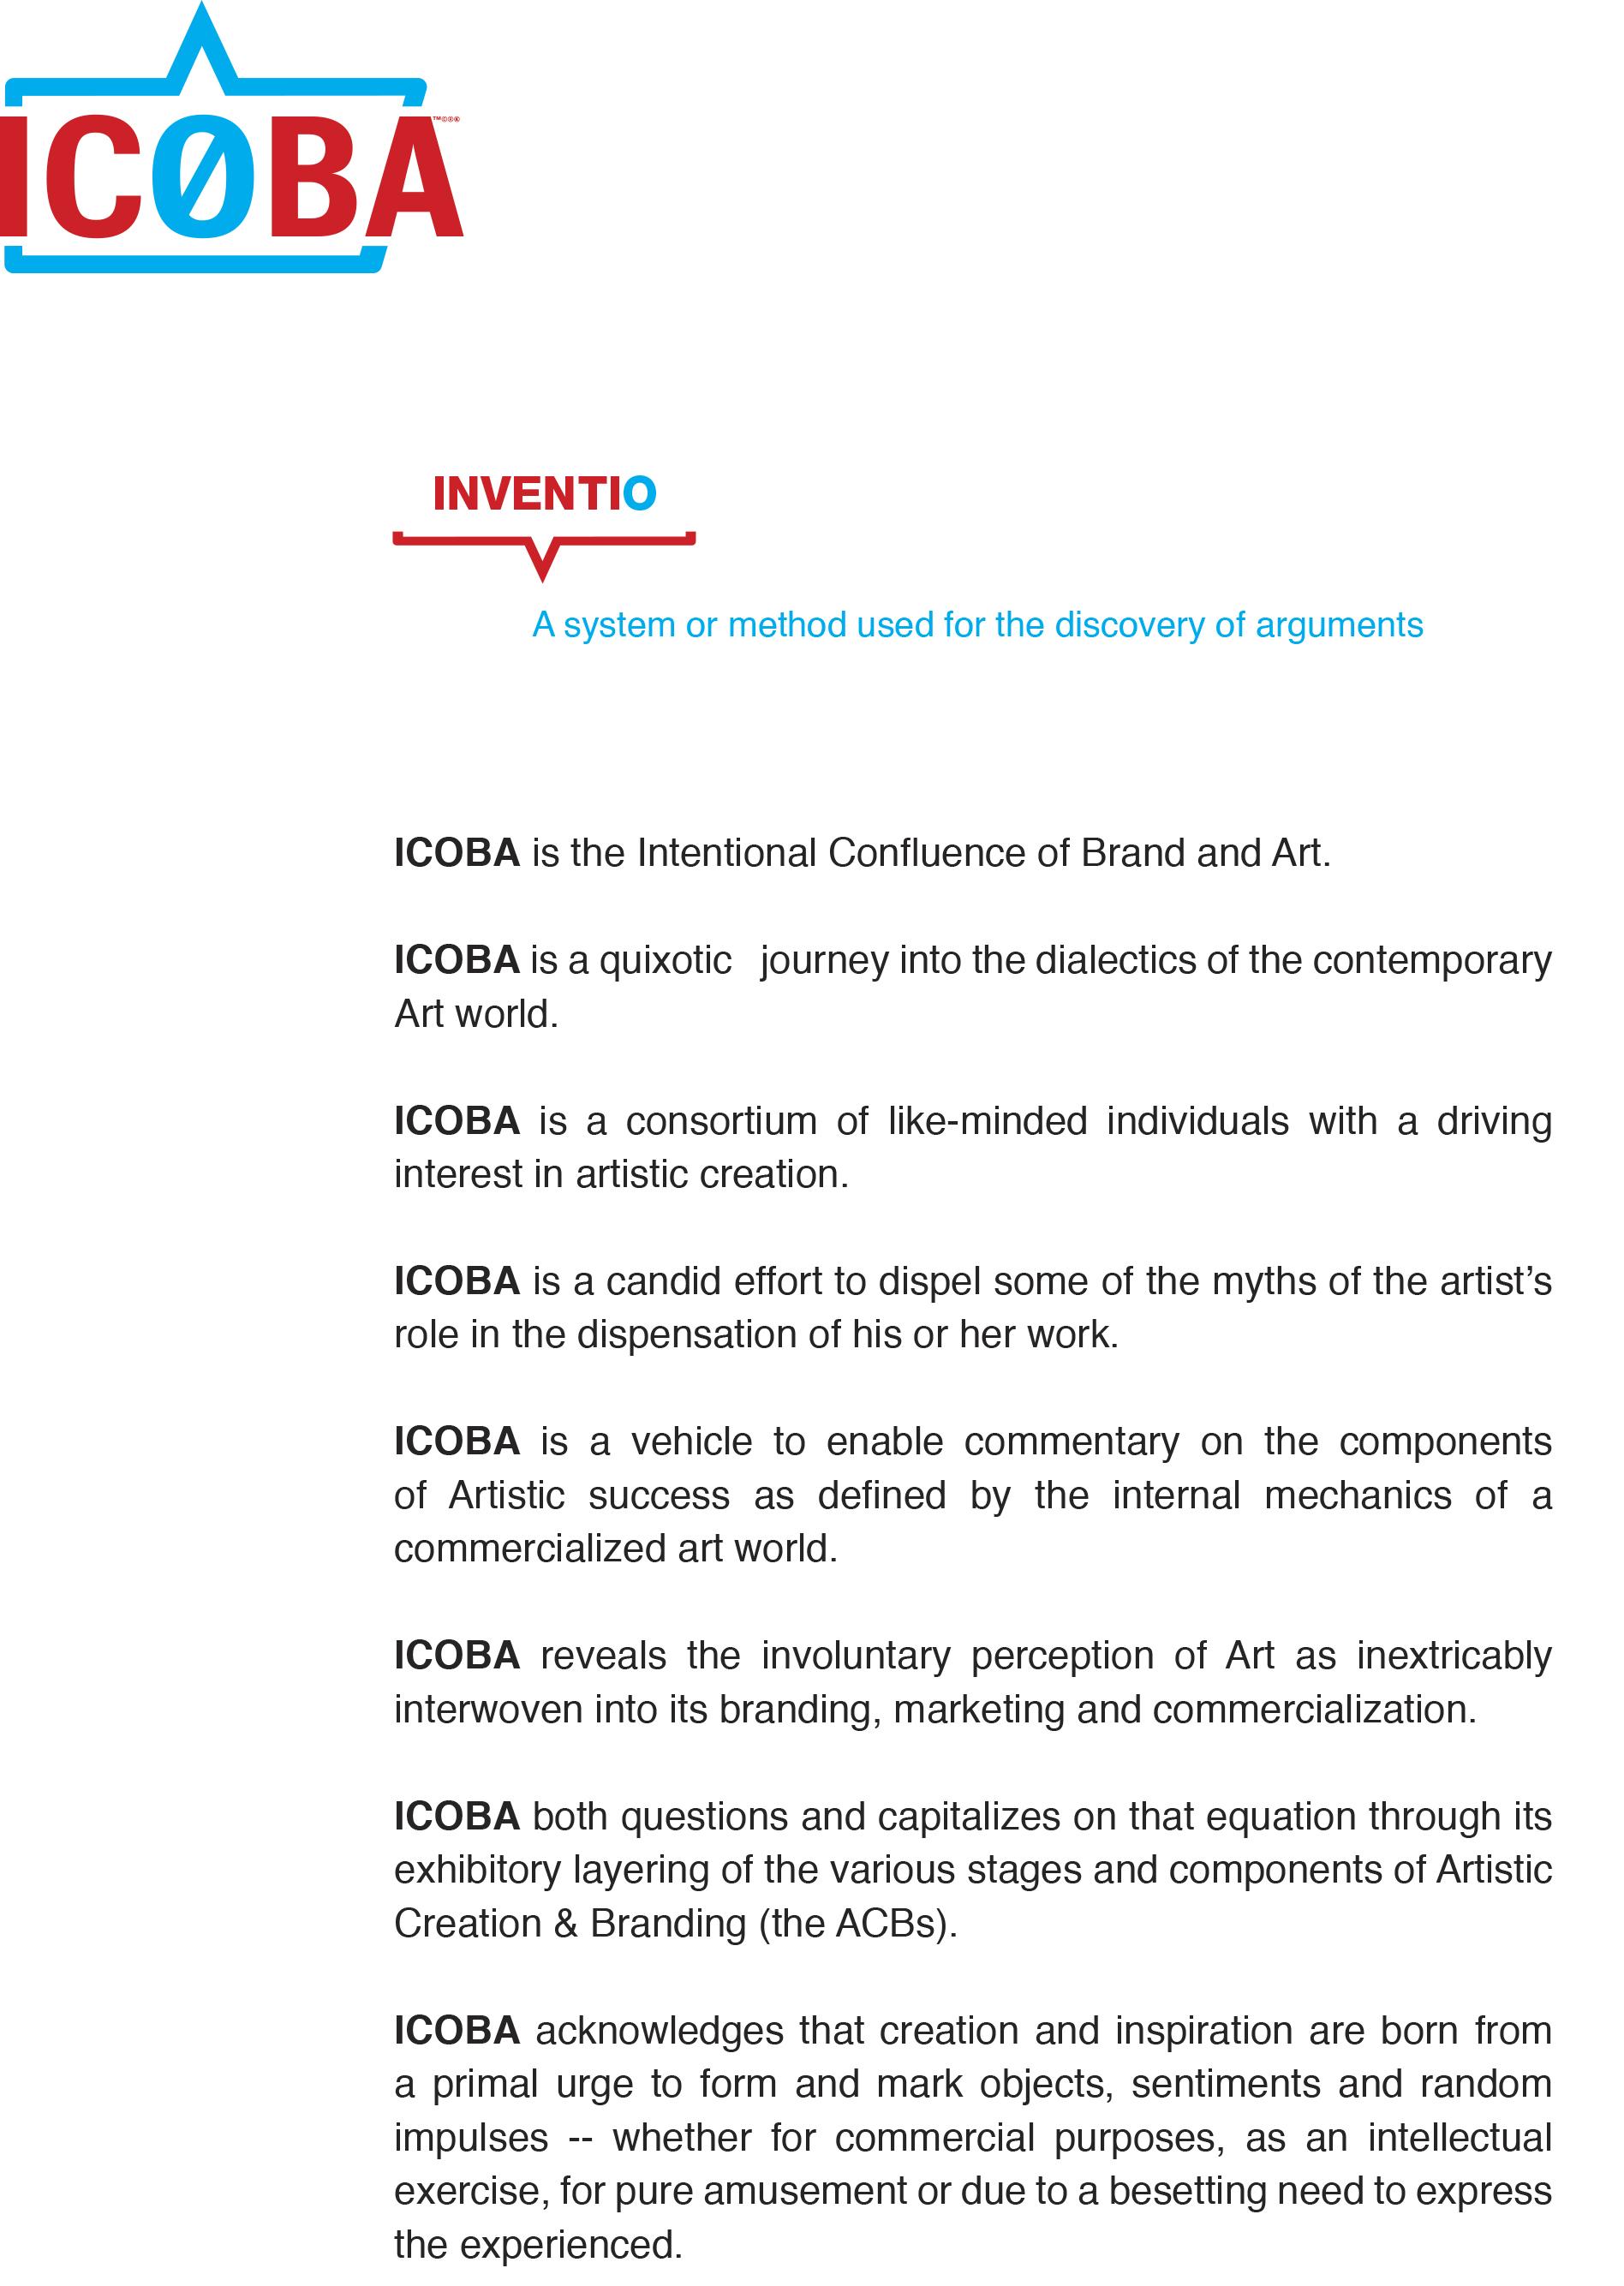 ICOBA_Press-Kit 2.jpg